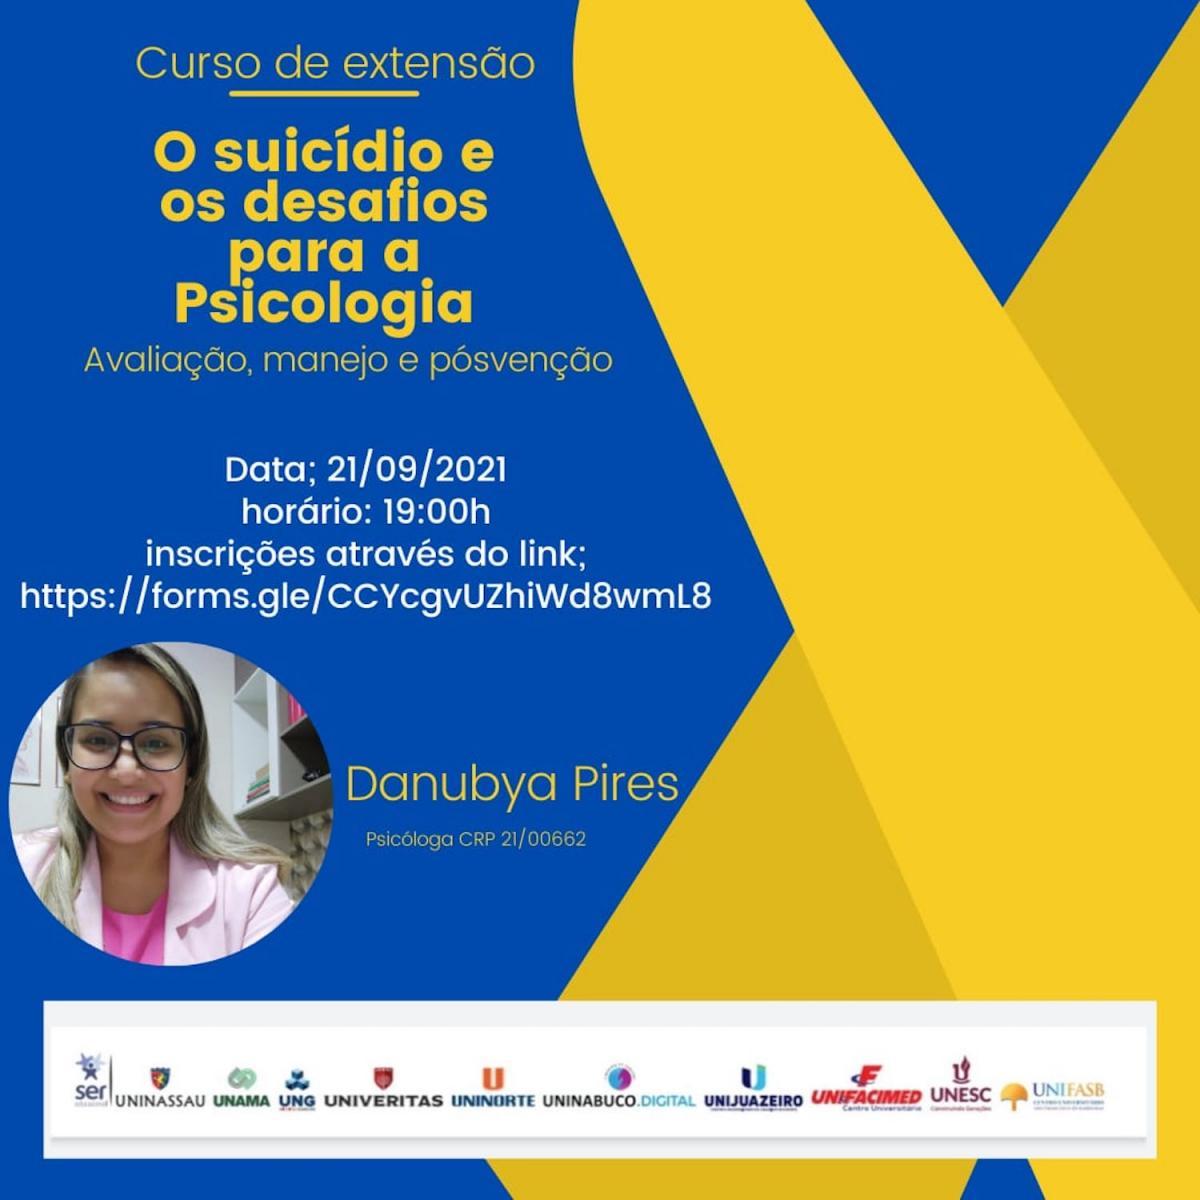 O suicídio e os desafios da psicologia são temas de curso on-line